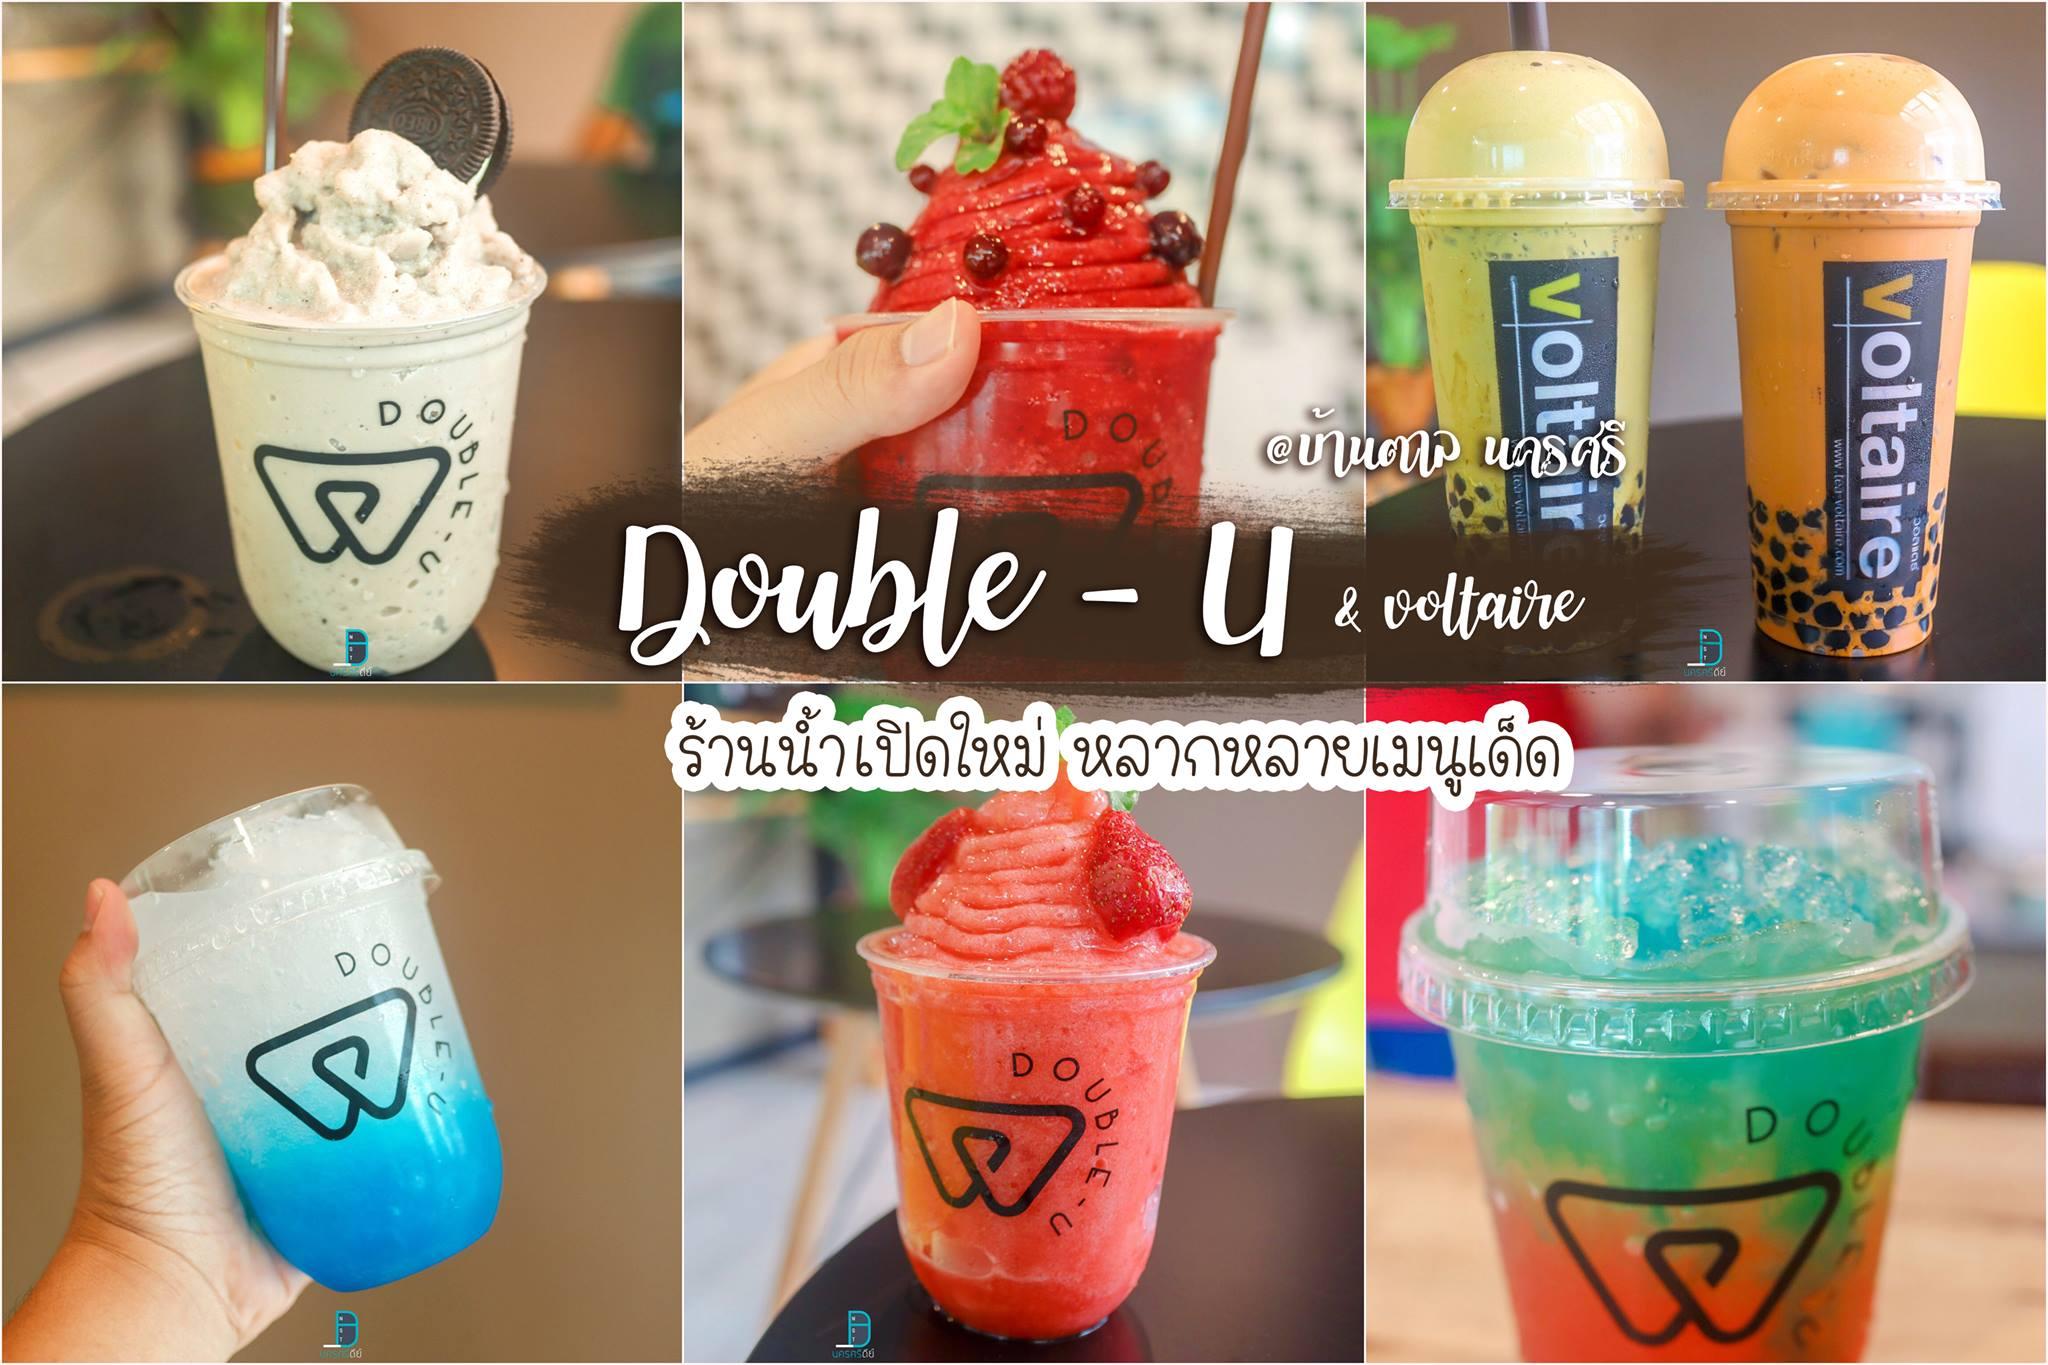 17.-Double---u ถือว่าเป็นร้านน้ำอร่อยๆในราคาไม่แพงอีกร้านนึงครับ คาเฟ่,นครศรีธรรมราช,2021,จุดกิน,ของกิน,วิวหลักล้าน,ร้านกาแฟ